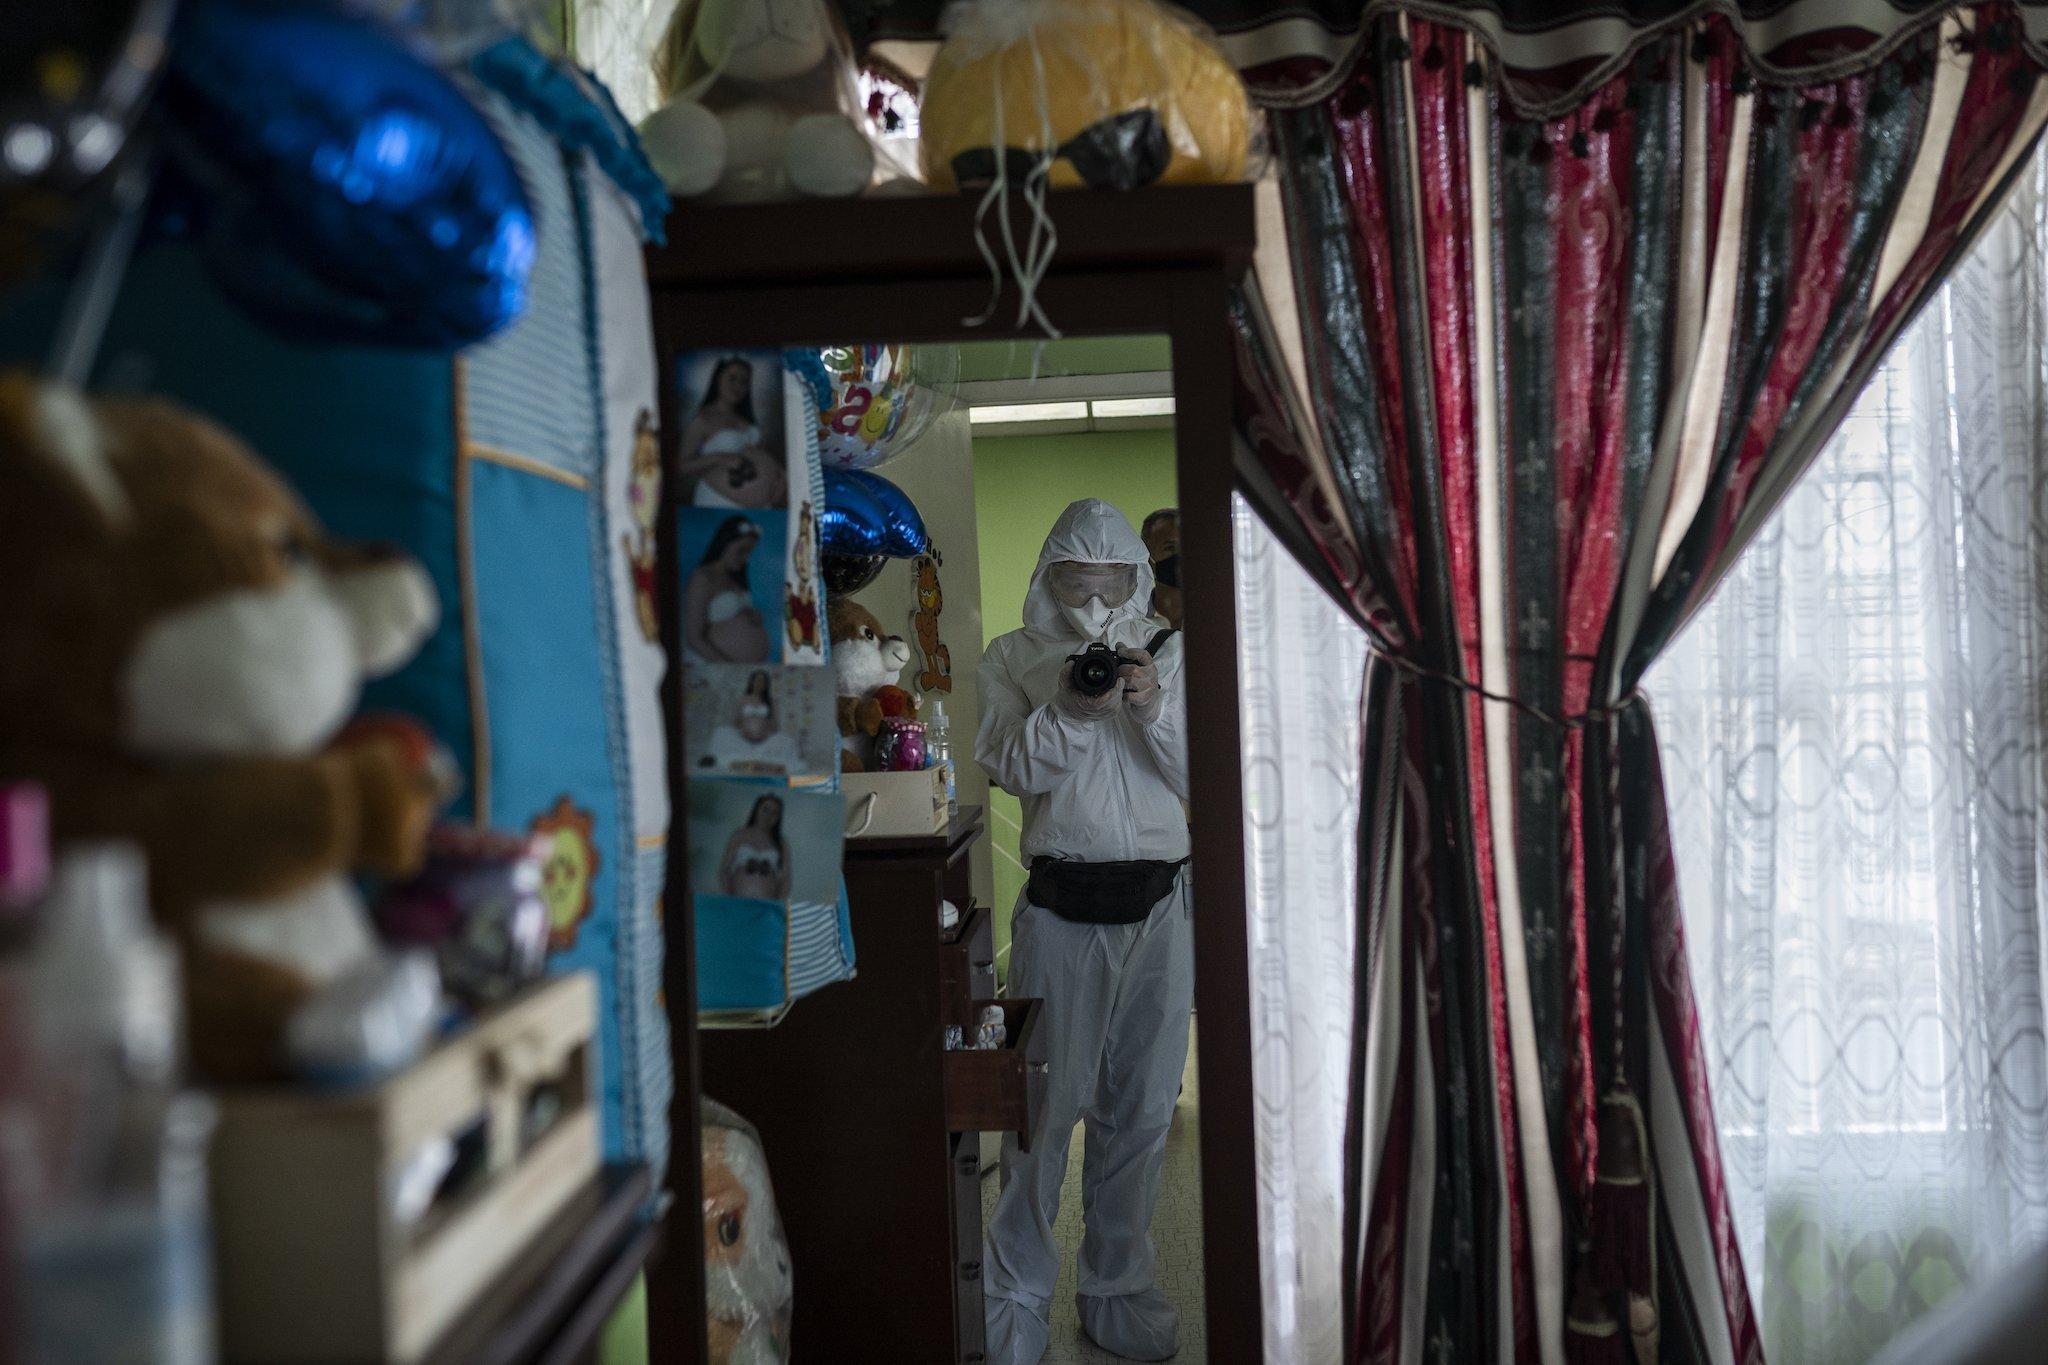 Der Fotograf trägt Ganzkörperanzug mit Kapuze, Mundschutz, Brille, Füßlinge und Handschuhe.